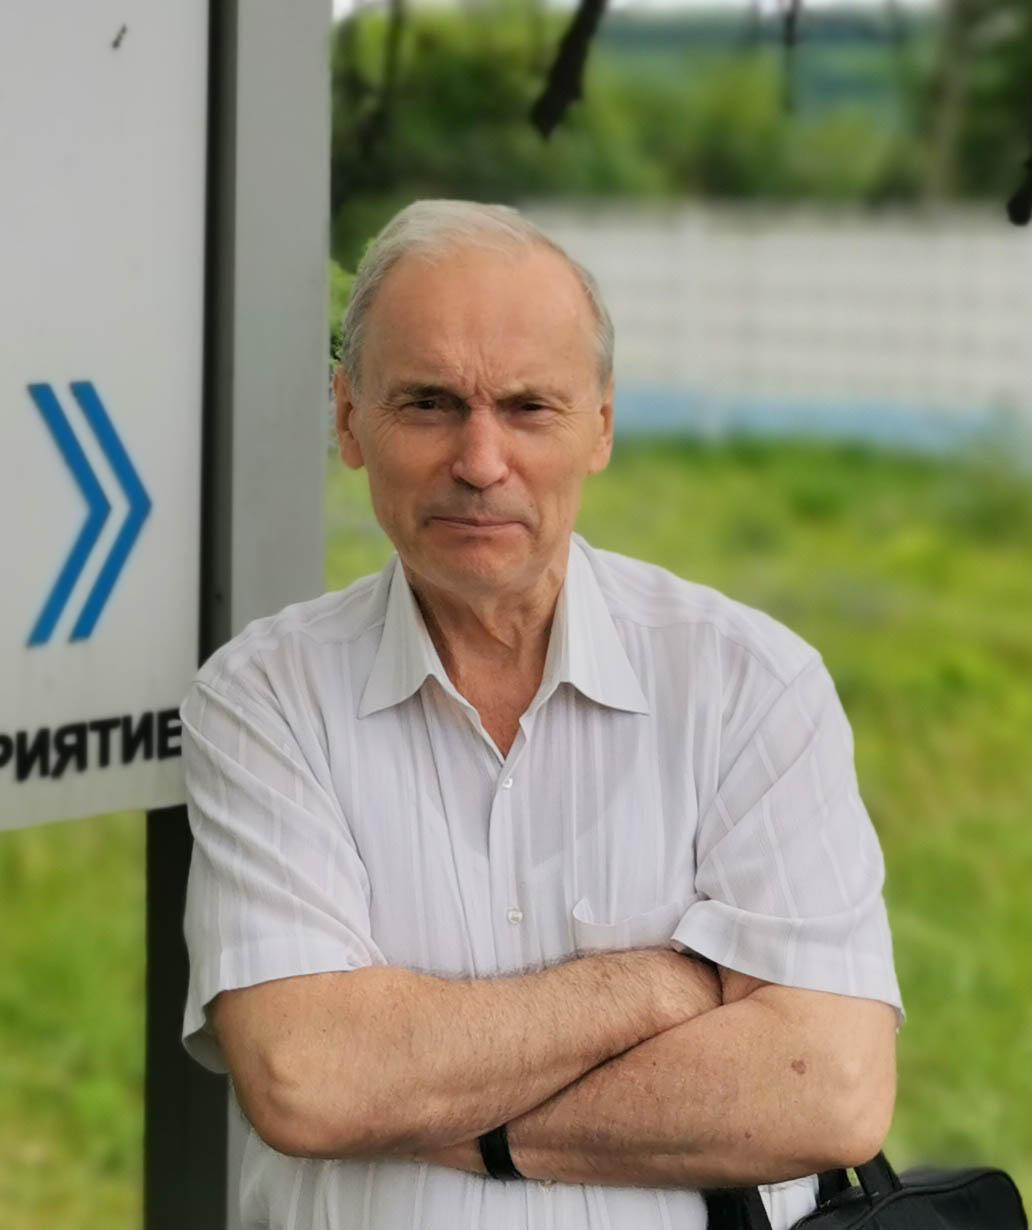 Maltsev Alexander